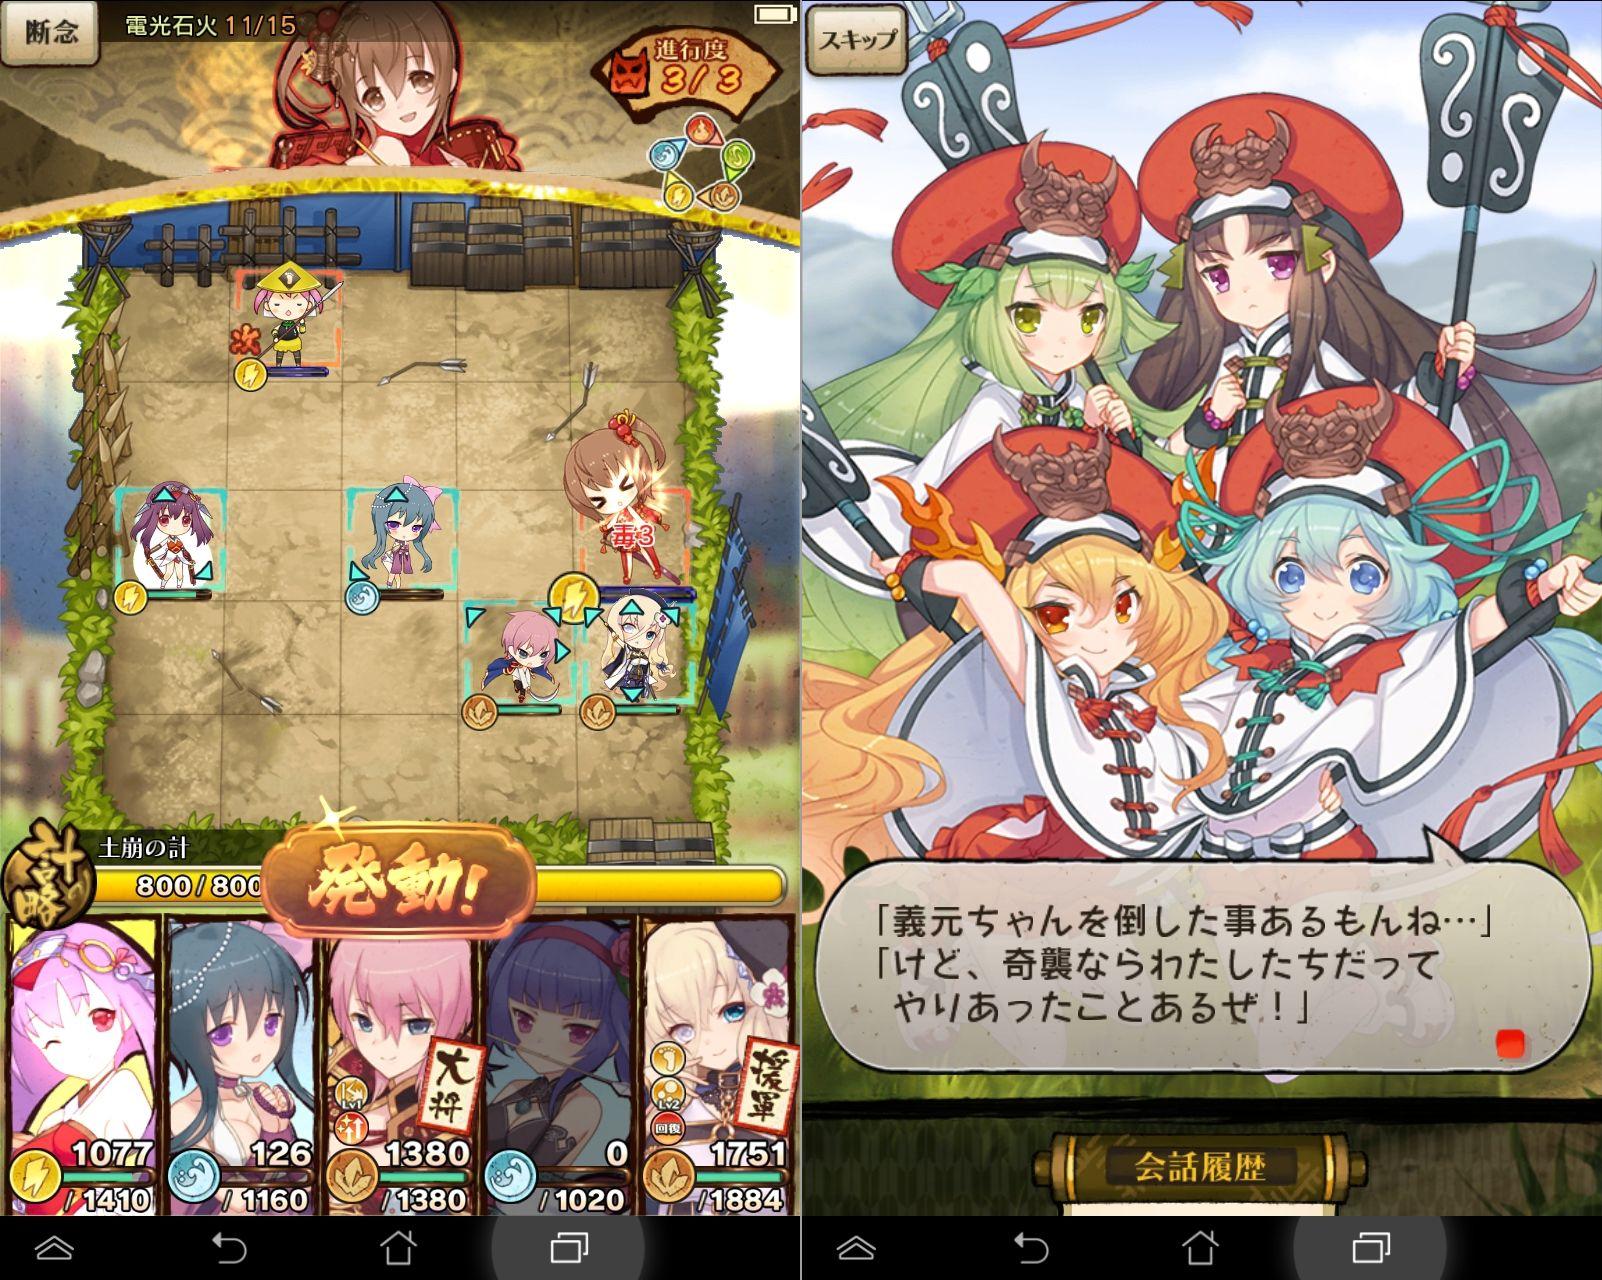 戦国姫譚MURAMASA-雅- androidアプリスクリーンショット1